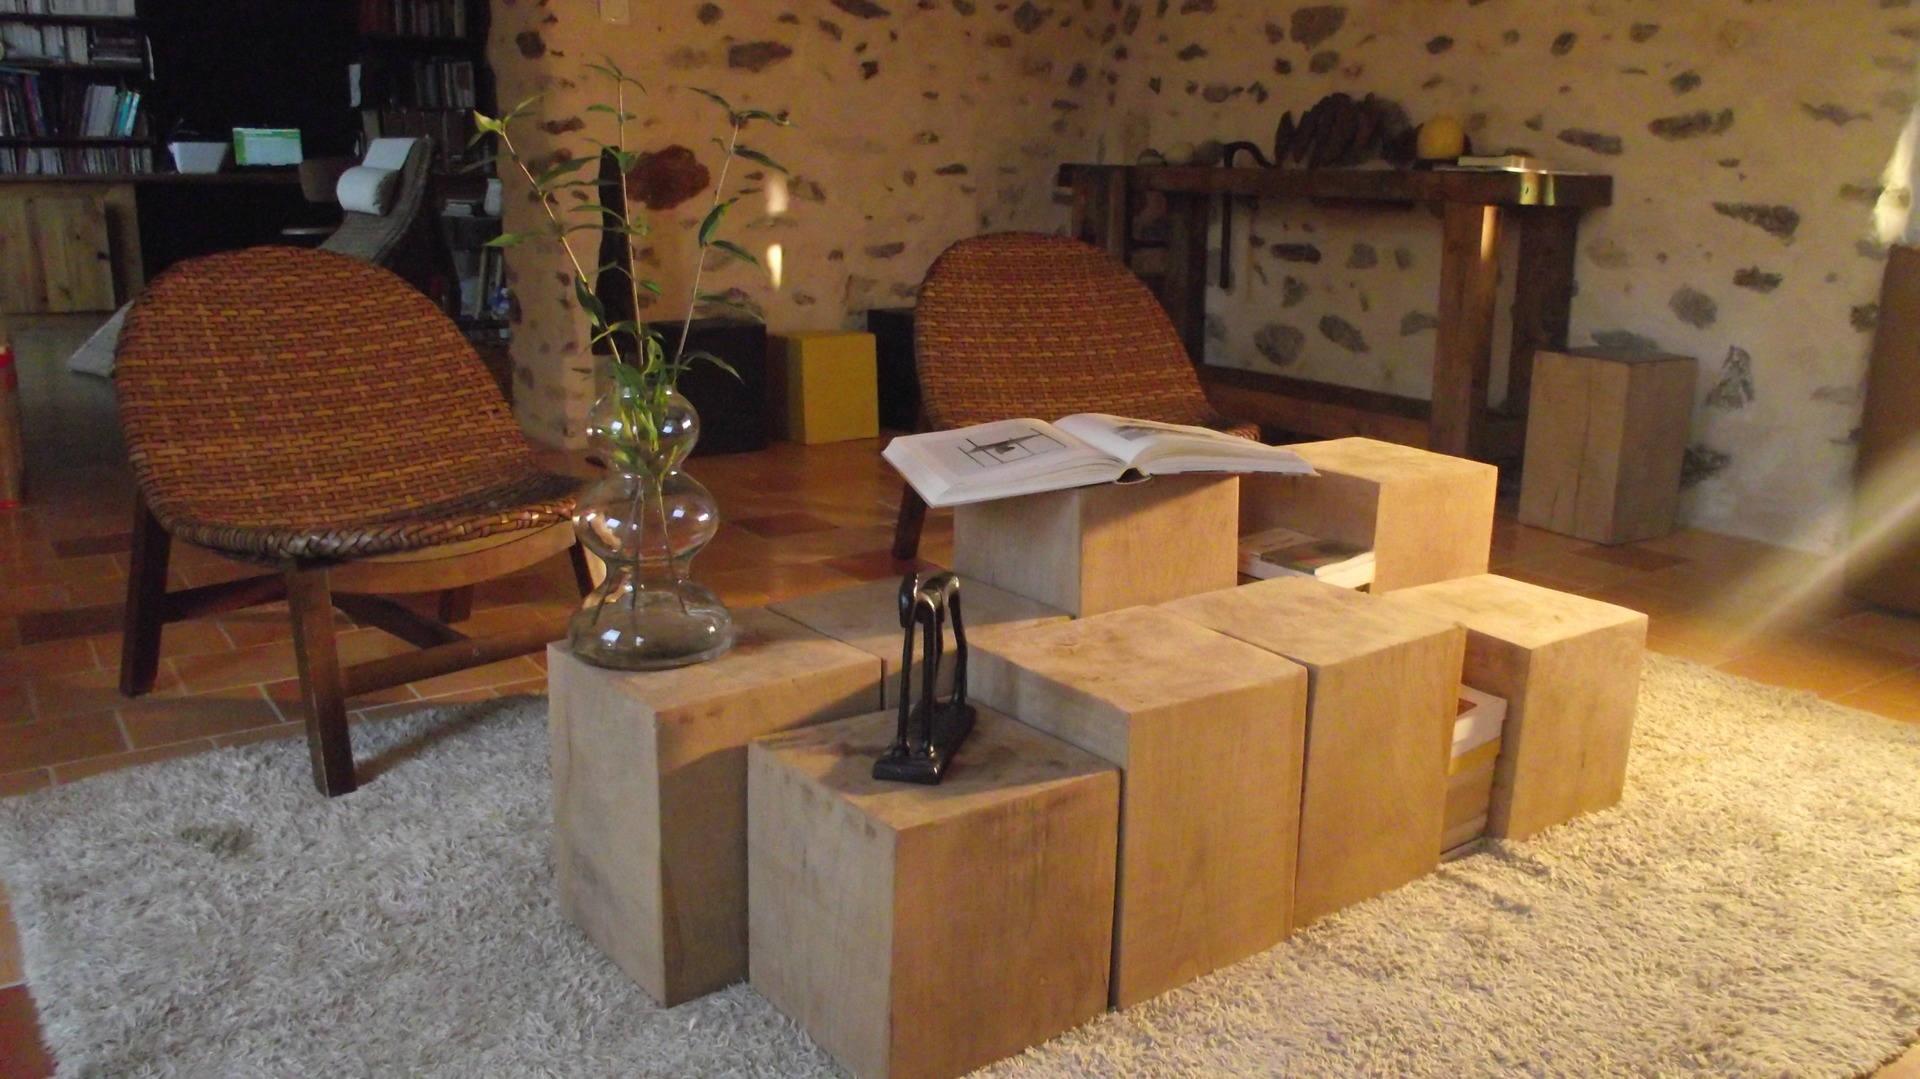 Bien-aimé Table basse de salon APHRODITE : 8 bouts de canapé bois massif SJ02